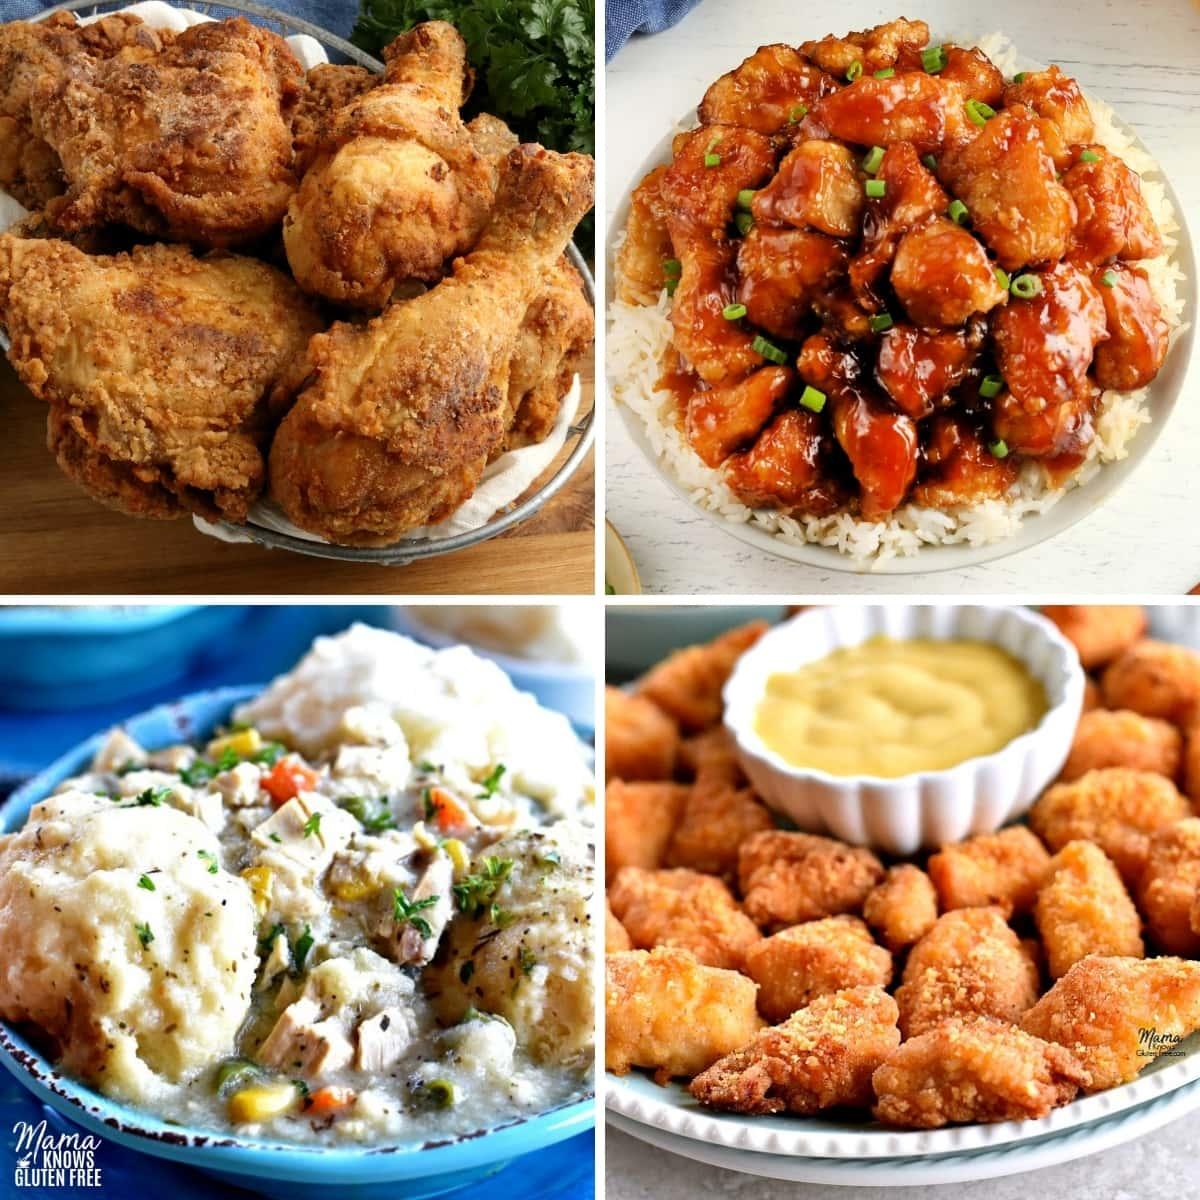 gluten-free chicken dinner recipes photo collage 2